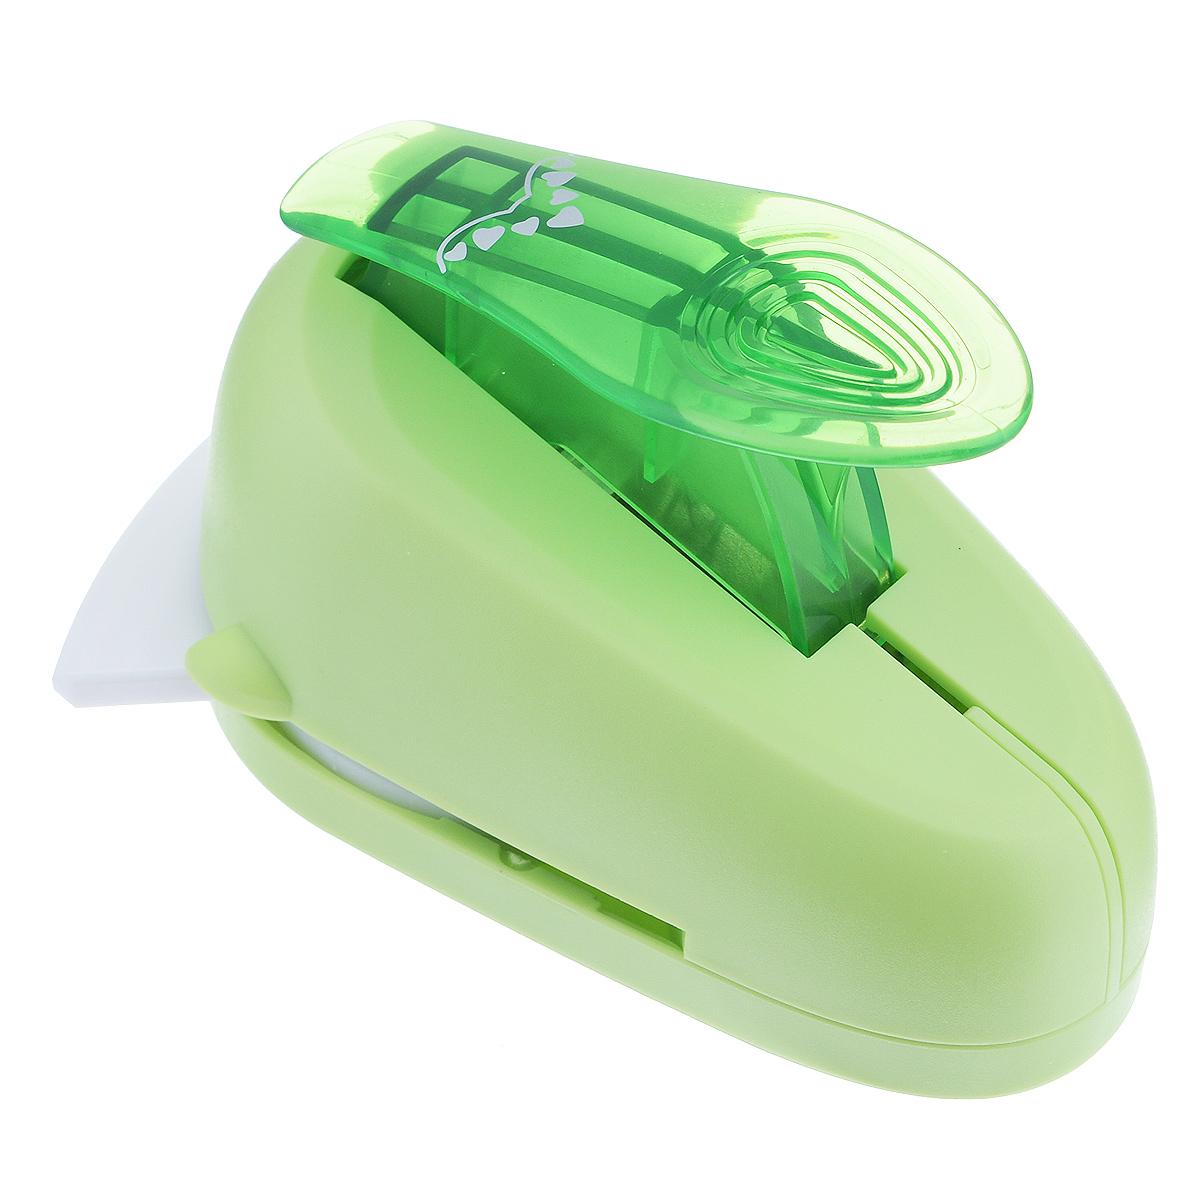 Дырокол фигурный Астра Семь сердец, угловой. CD-99MC7709610_57Дырокол Астра Семь сердец поможет вам легко, просто и аккуратно вырезать много одинаковых мелких фигурок. Режущие части компостера закрыты пластмассовым корпусом, что обеспечивает безопасность для детей. Вырезанные фигурки накапливаются в специальном резервуаре. Можно использовать вырезанные мотивы как конфетти или для наклеивания. Угловой дырокол подходит для разных техник: декупажа, скрапбукинга, декорирования. Размер дырокола: 10 см х 7 см х 7 см. Размер готовой фигурки: 2,5 см х 1,5 см.